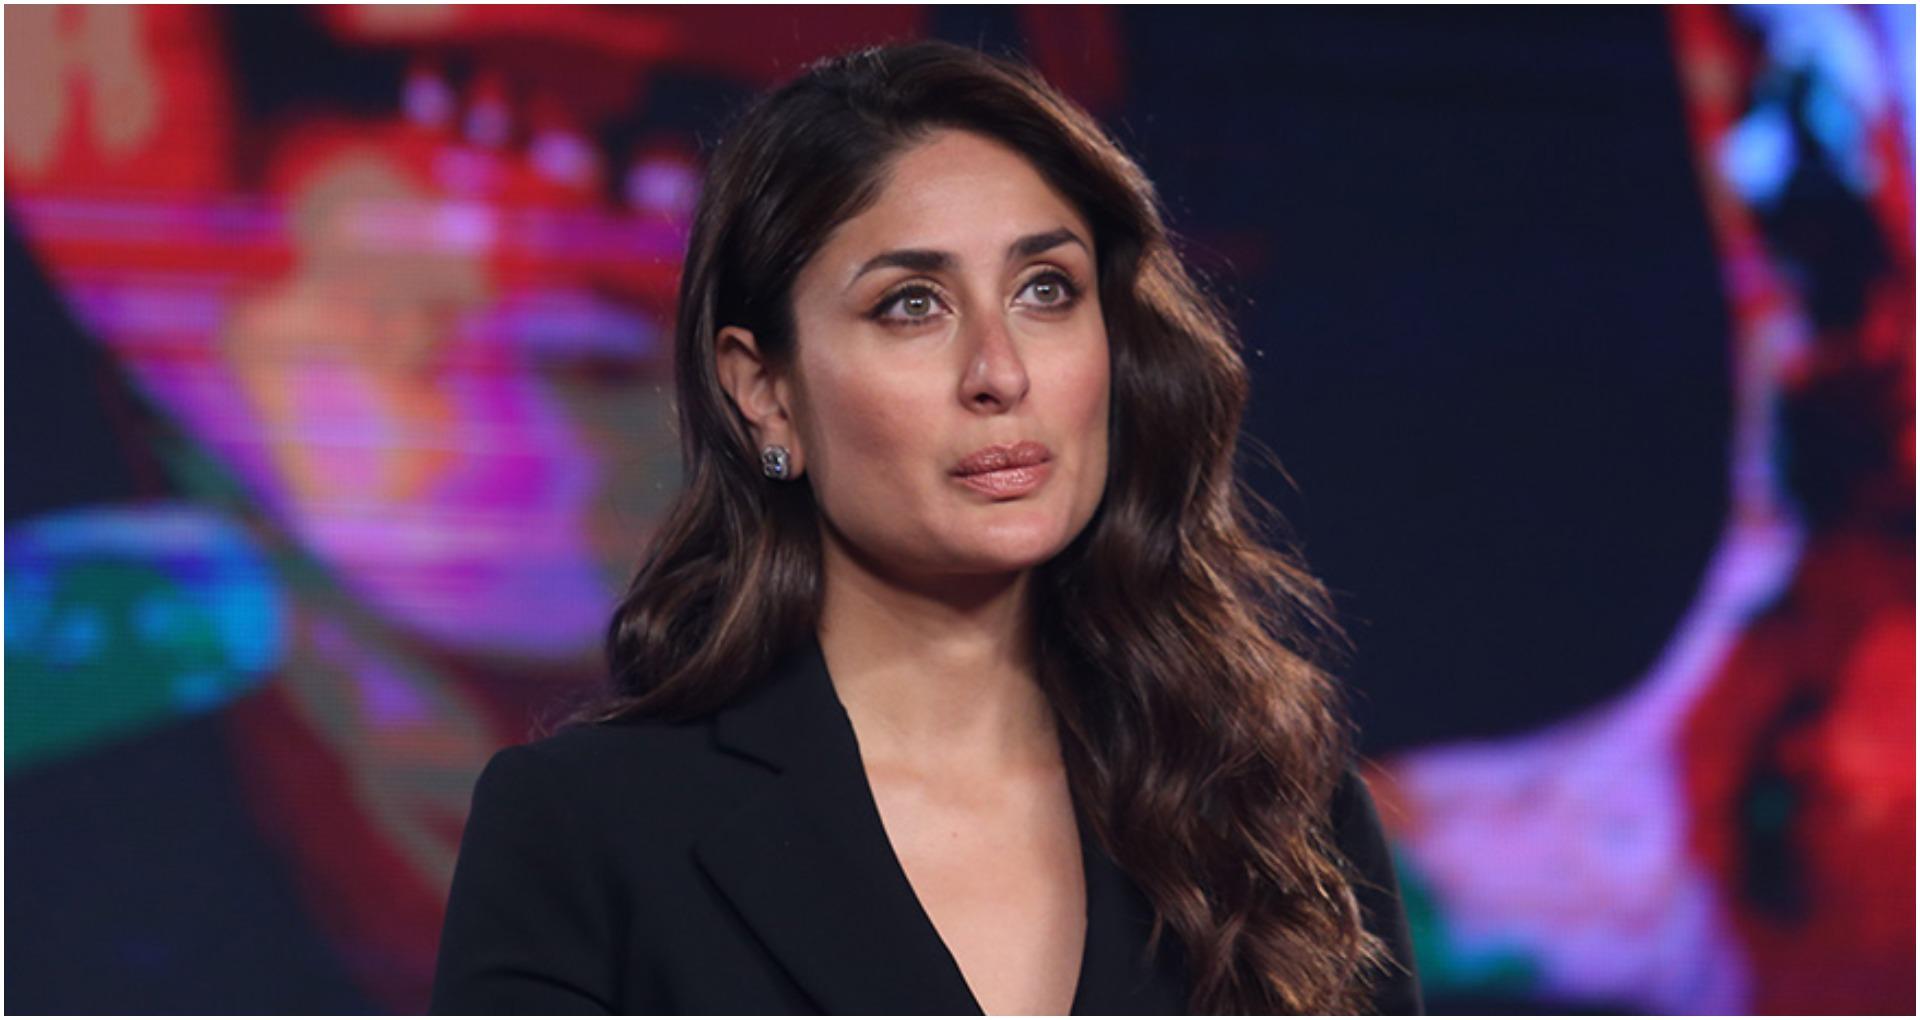 EXCLUSIVE: करीना कपूर खान ने टीवी डेब्यू के लिए की इतने करोड़ की डिमांड, रकम जानकर चौक जाएंगे आप